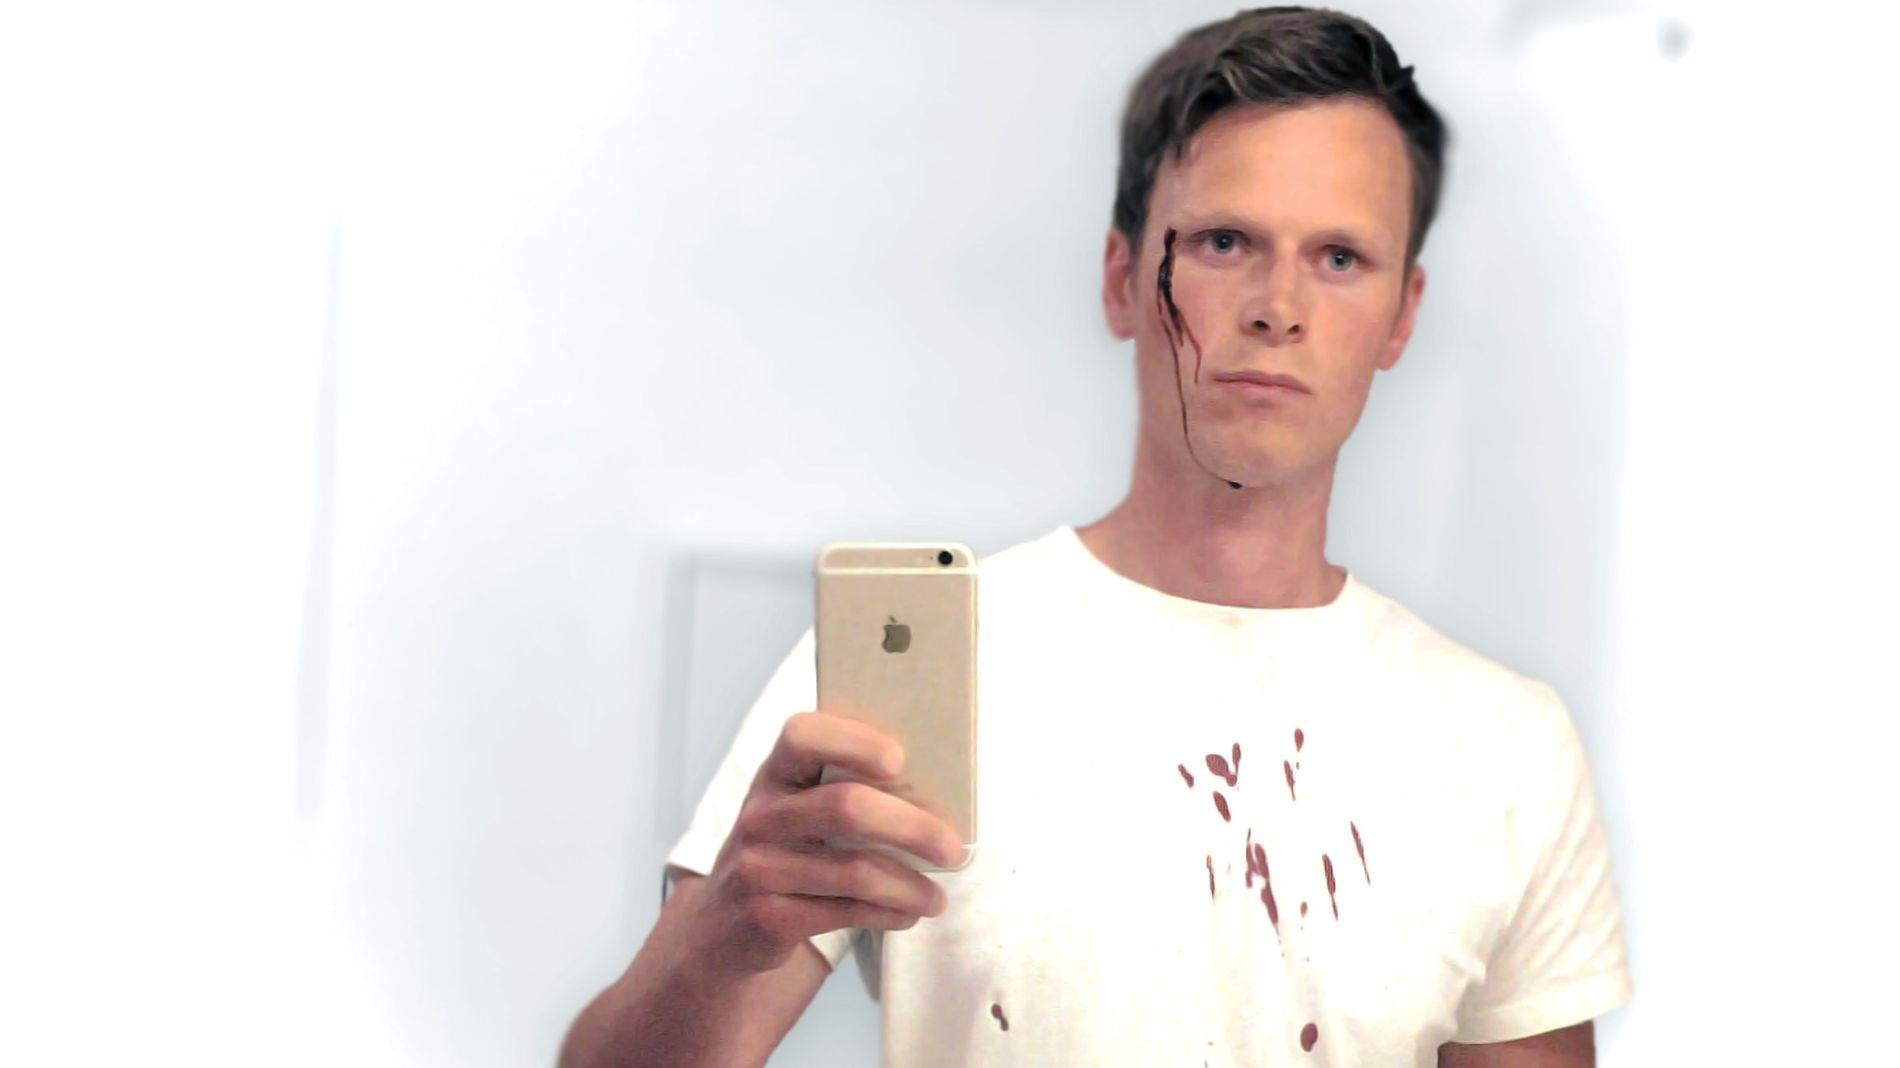 VOLDSOFFER: Bjørn Ivar Nordstrøm ble slått ned av en ukjent person den 5. august i fjor. Dette bildet ble tatt like etter overfallet.